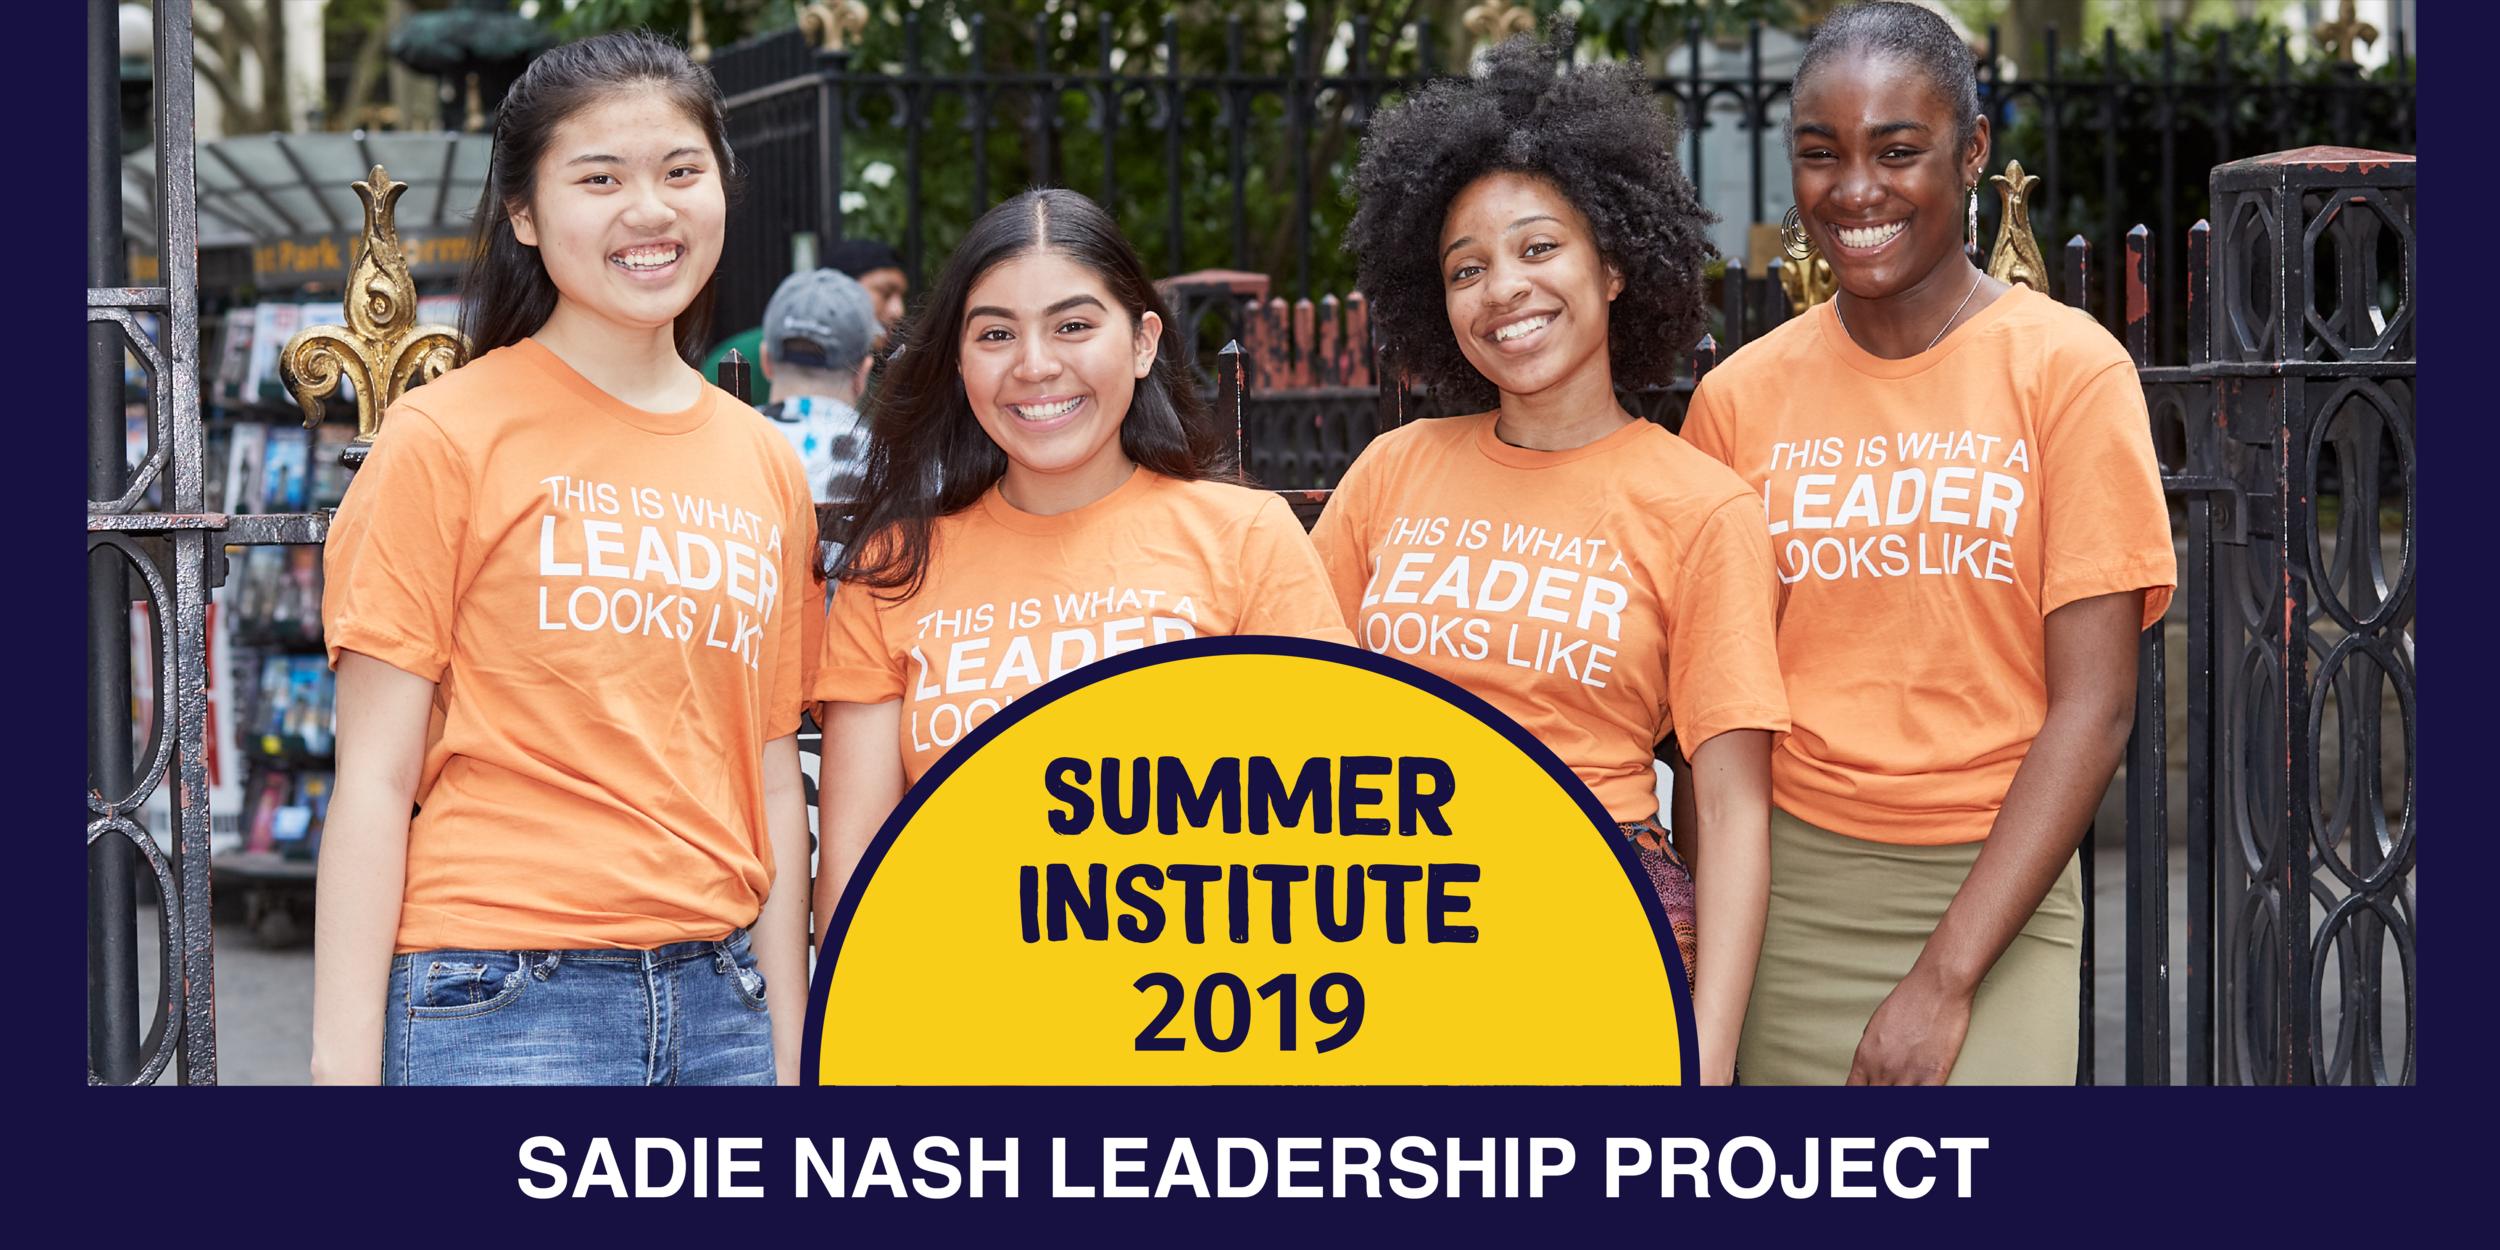 Summer 2019 Eventbrite Banner 2 (1).png